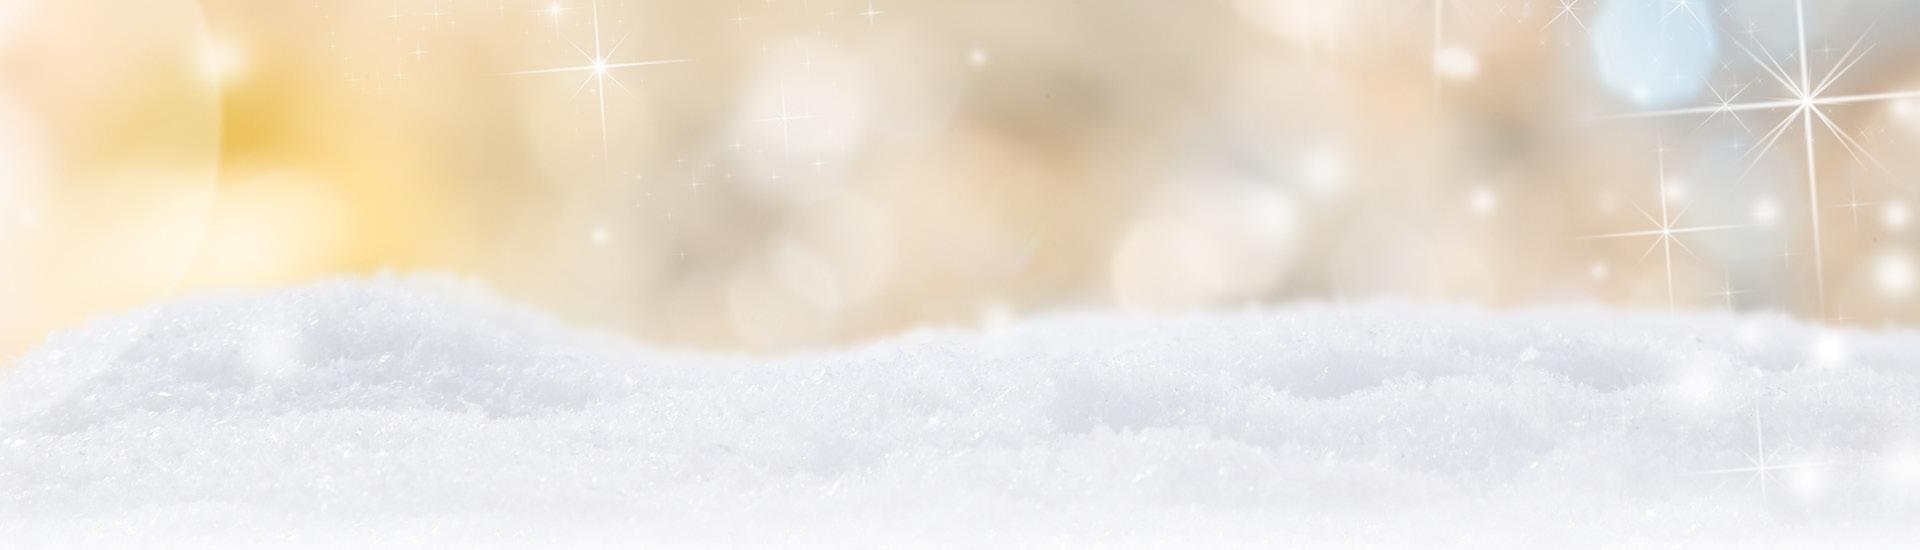 Weine - Lieblingsweine für Ihren Wunschzettel bis -20%! 12/2018 - Slider